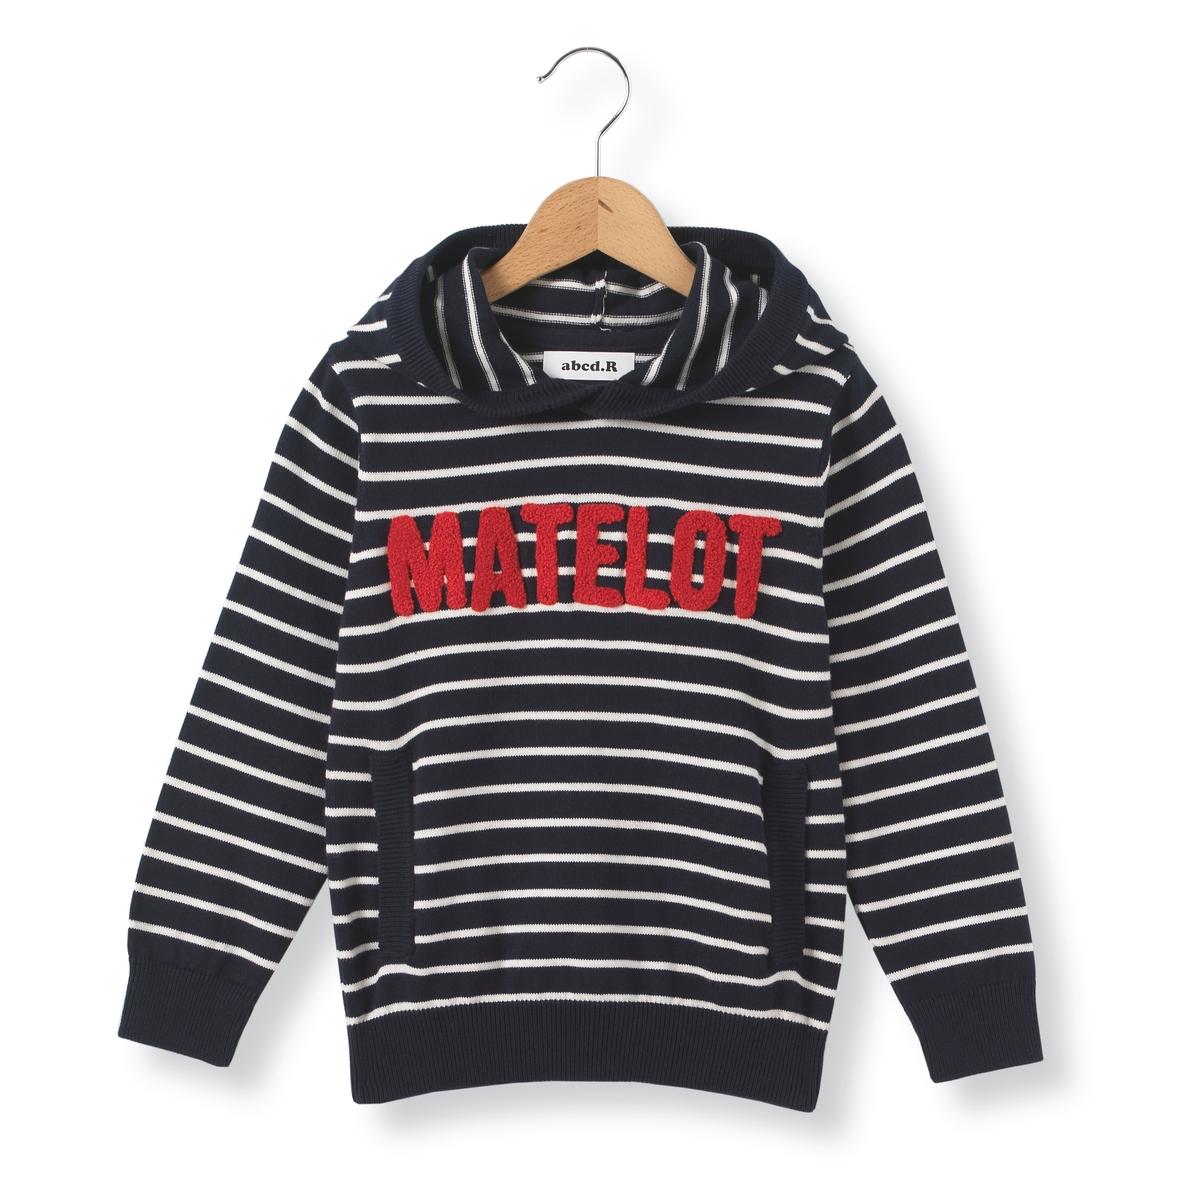 Пуловер в полоску с капюшоном, 3-12 лет